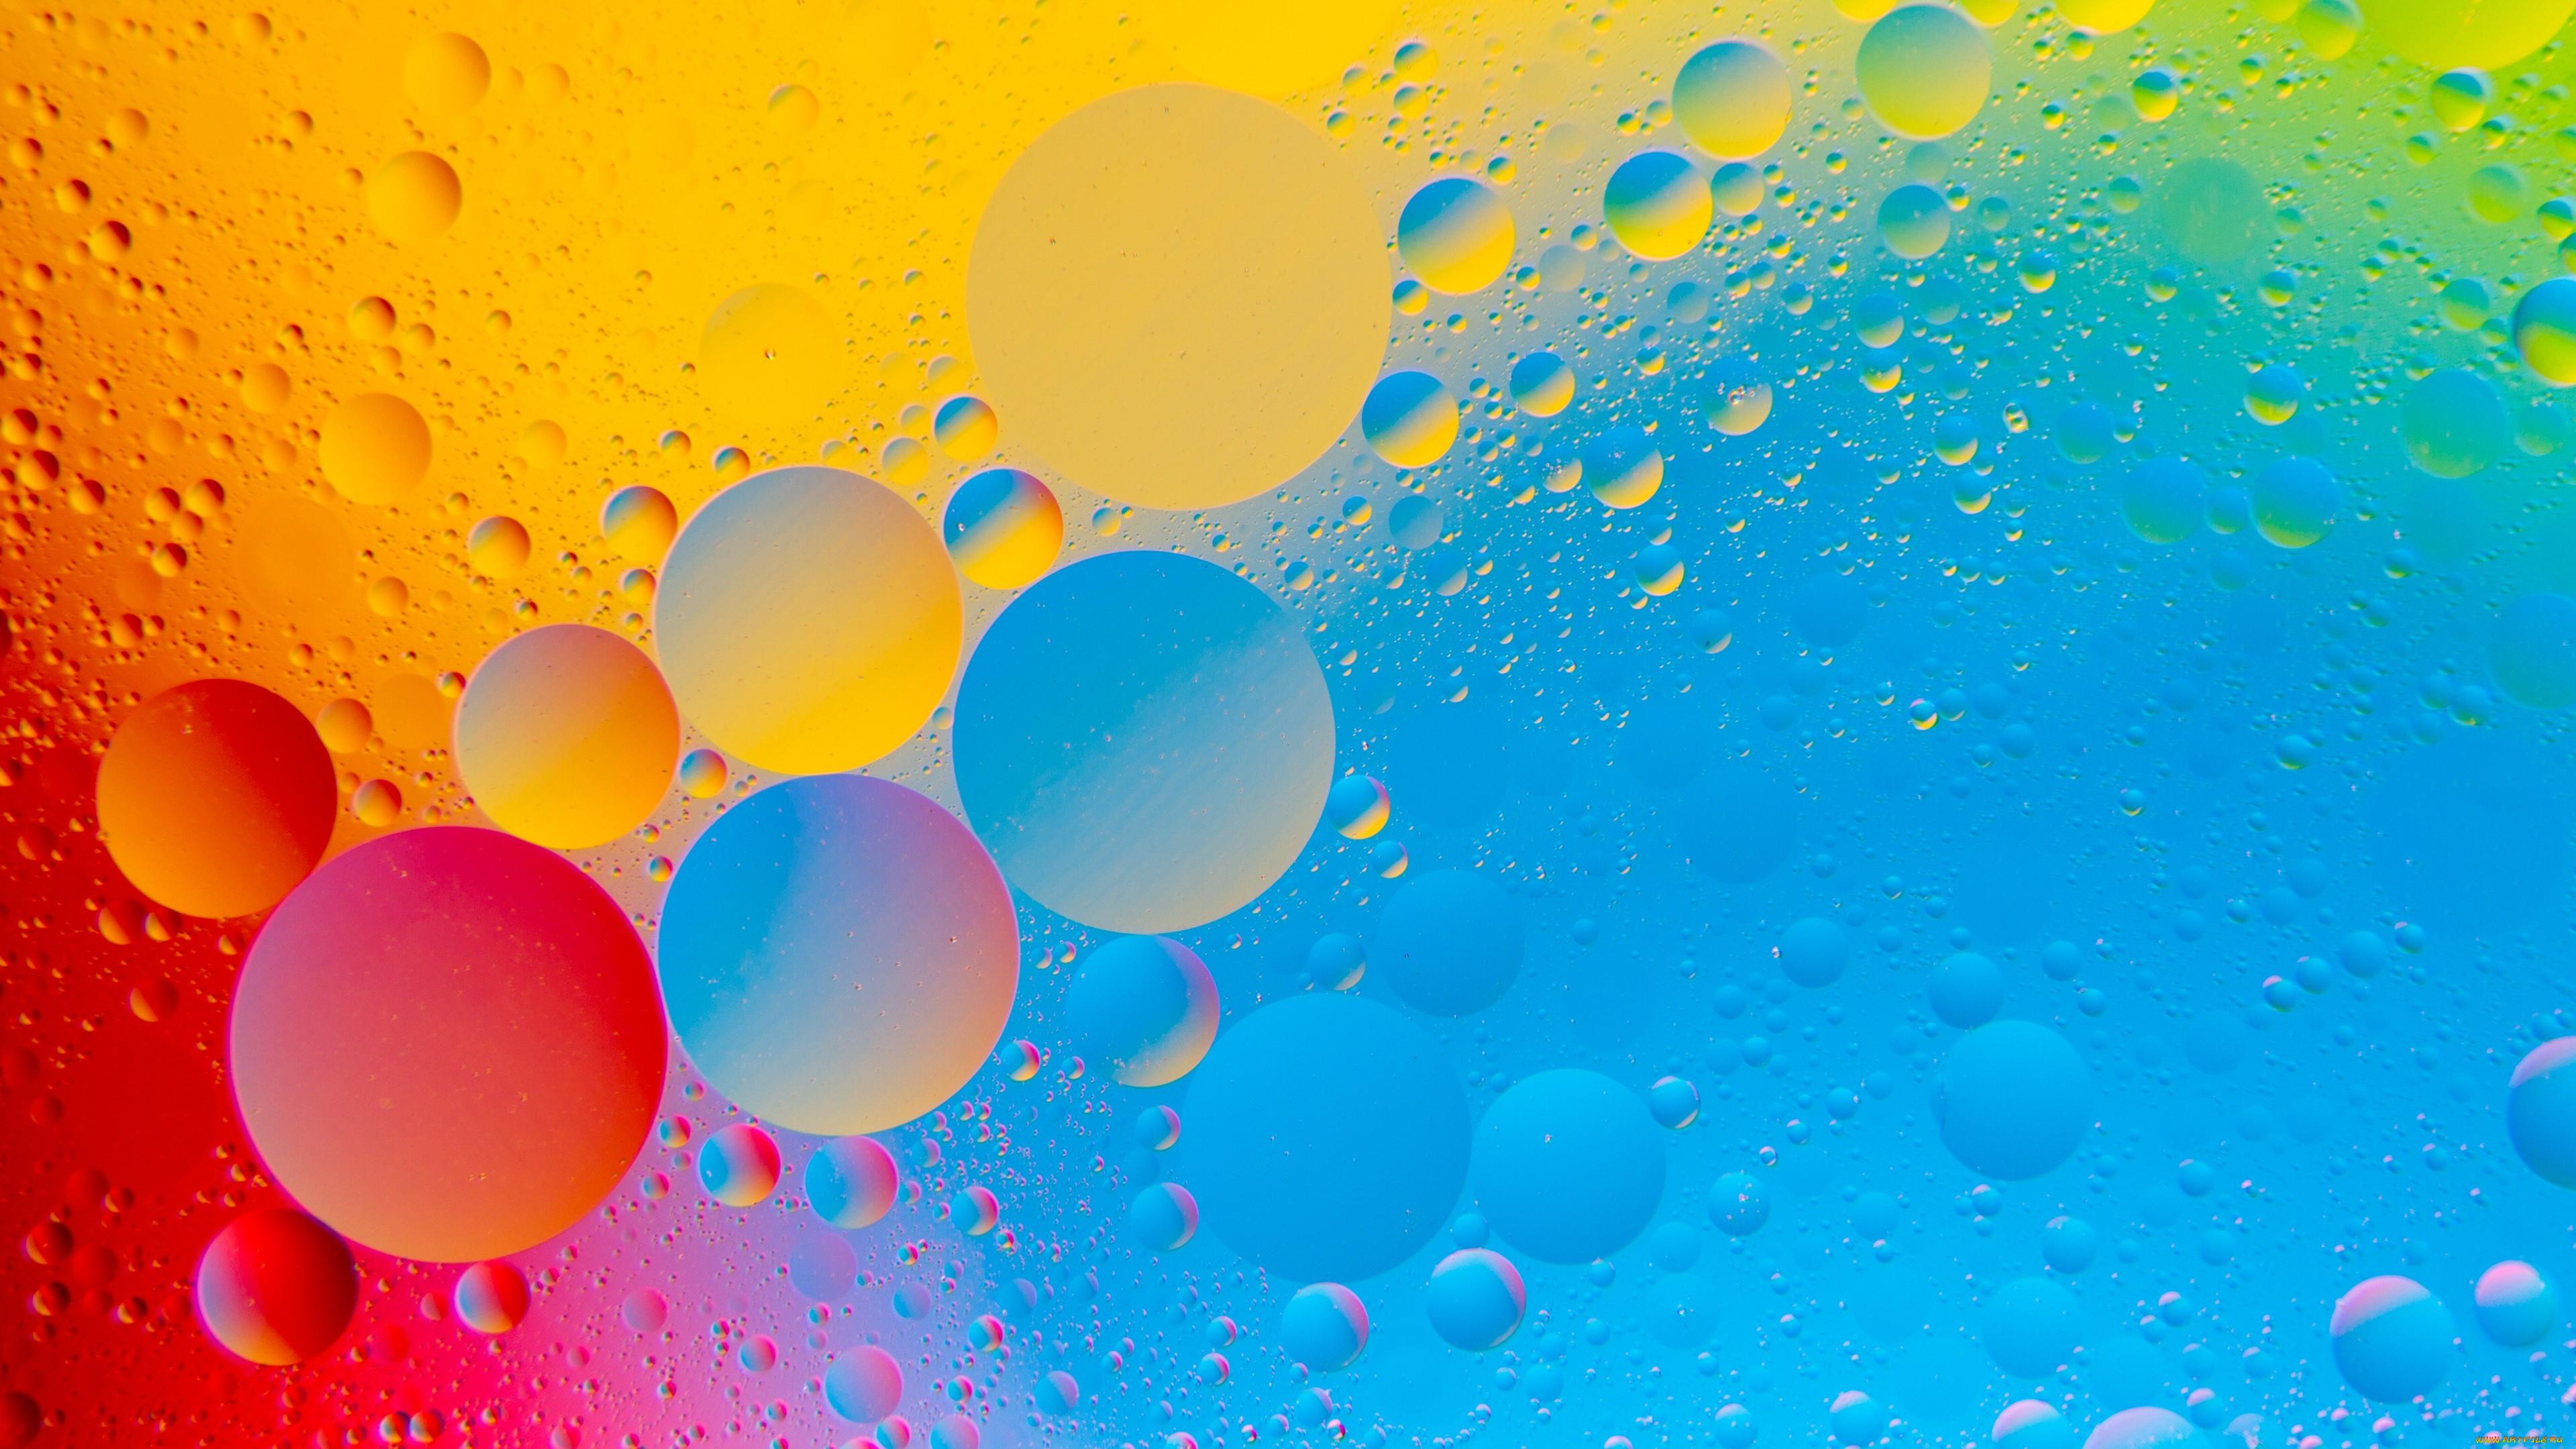 картинки на рабочий стол водяные шарики очень важный